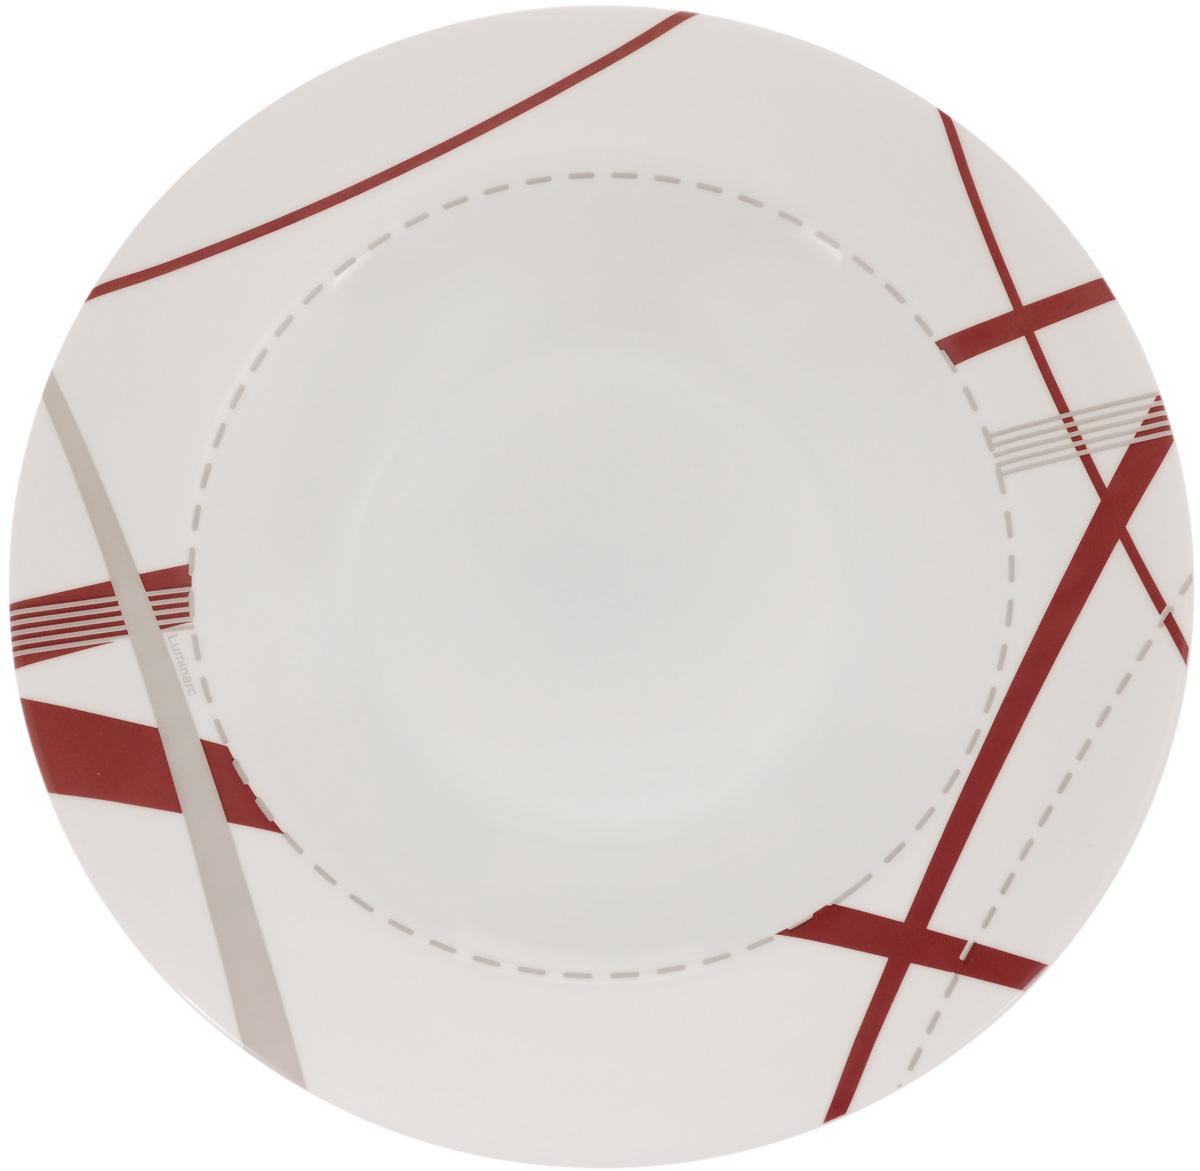 Тарелка глубокая Luminarc Couture, 23 х 23 см54 009312Глубокая тарелка Luminarc Couture выполнена изударопрочного стекла и оформлена рисунком.Изделие сочетает в себе изысканный дизайн с максимальнойфункциональностью. Она прекрасно впишется винтерьер вашей кухни и станет достойным дополнениемк кухонному инвентарю. Тарелка Luminarc Couture подчеркнет прекрасный вкус хозяйкии станет отличным подарком. Размер (по верхнему краю): 23 х 23 см.